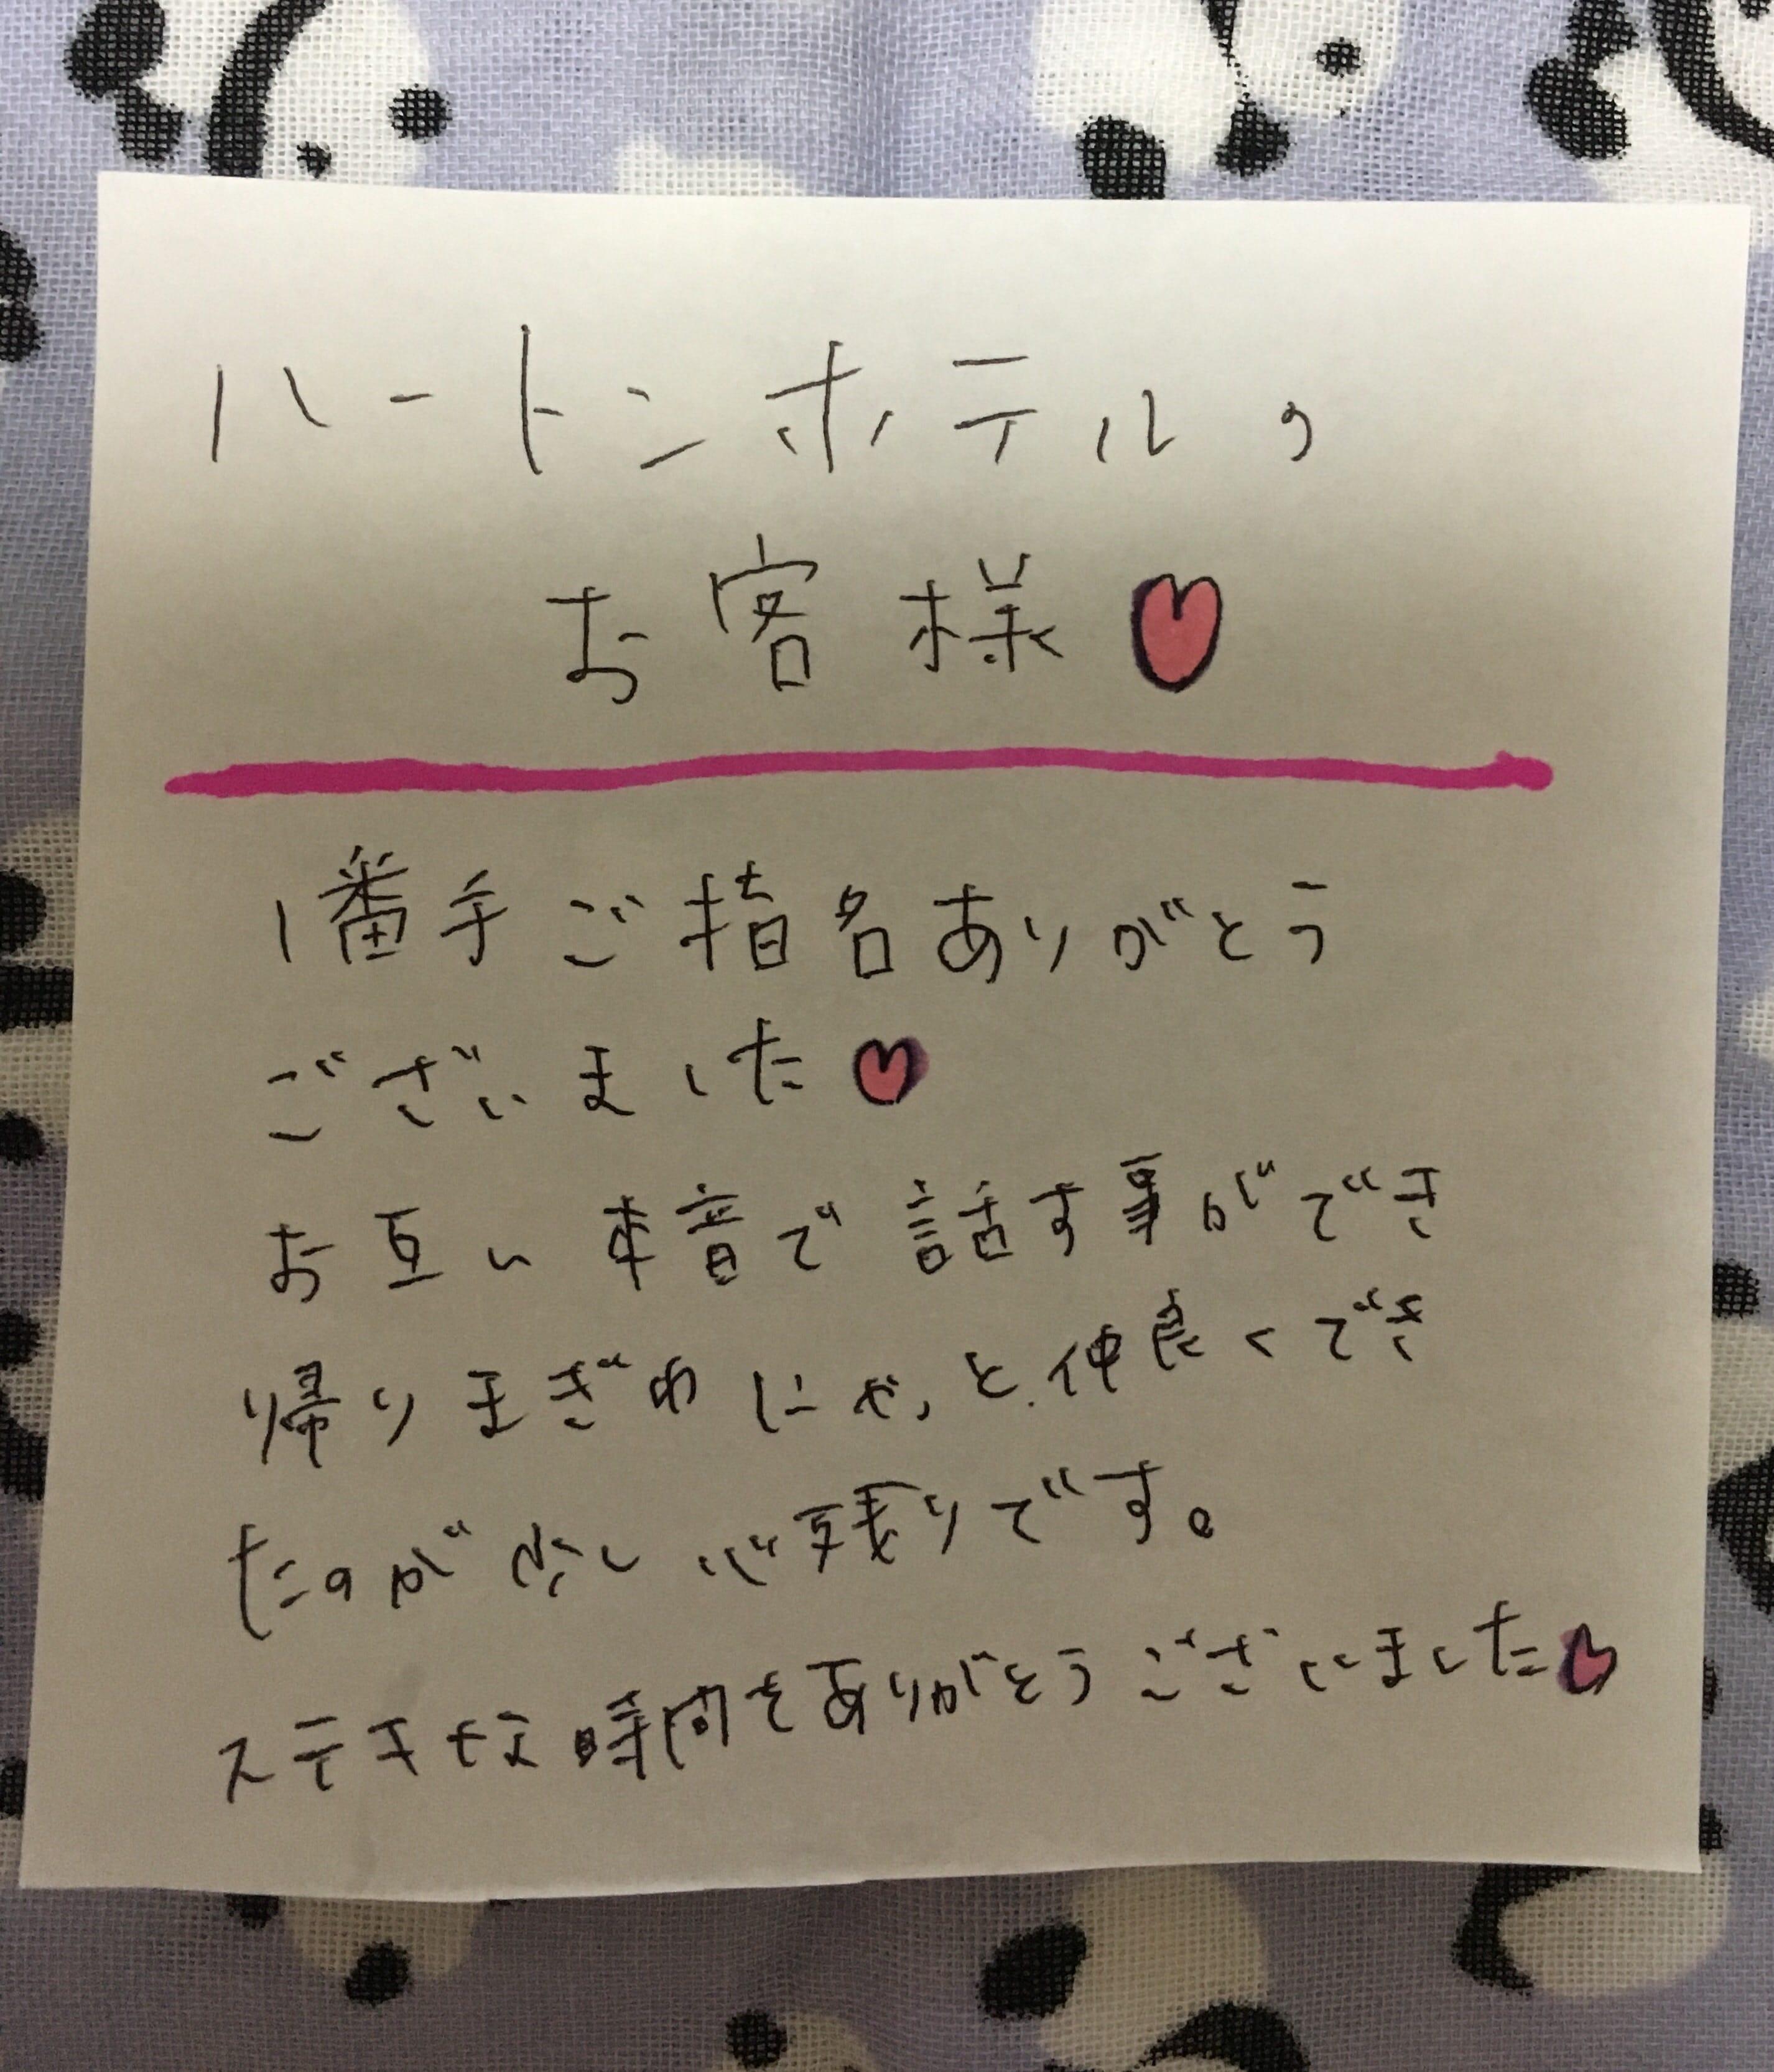 「ハートンホテルのお客様へ」12/14(12/14) 05:35   シオンの写メ・風俗動画